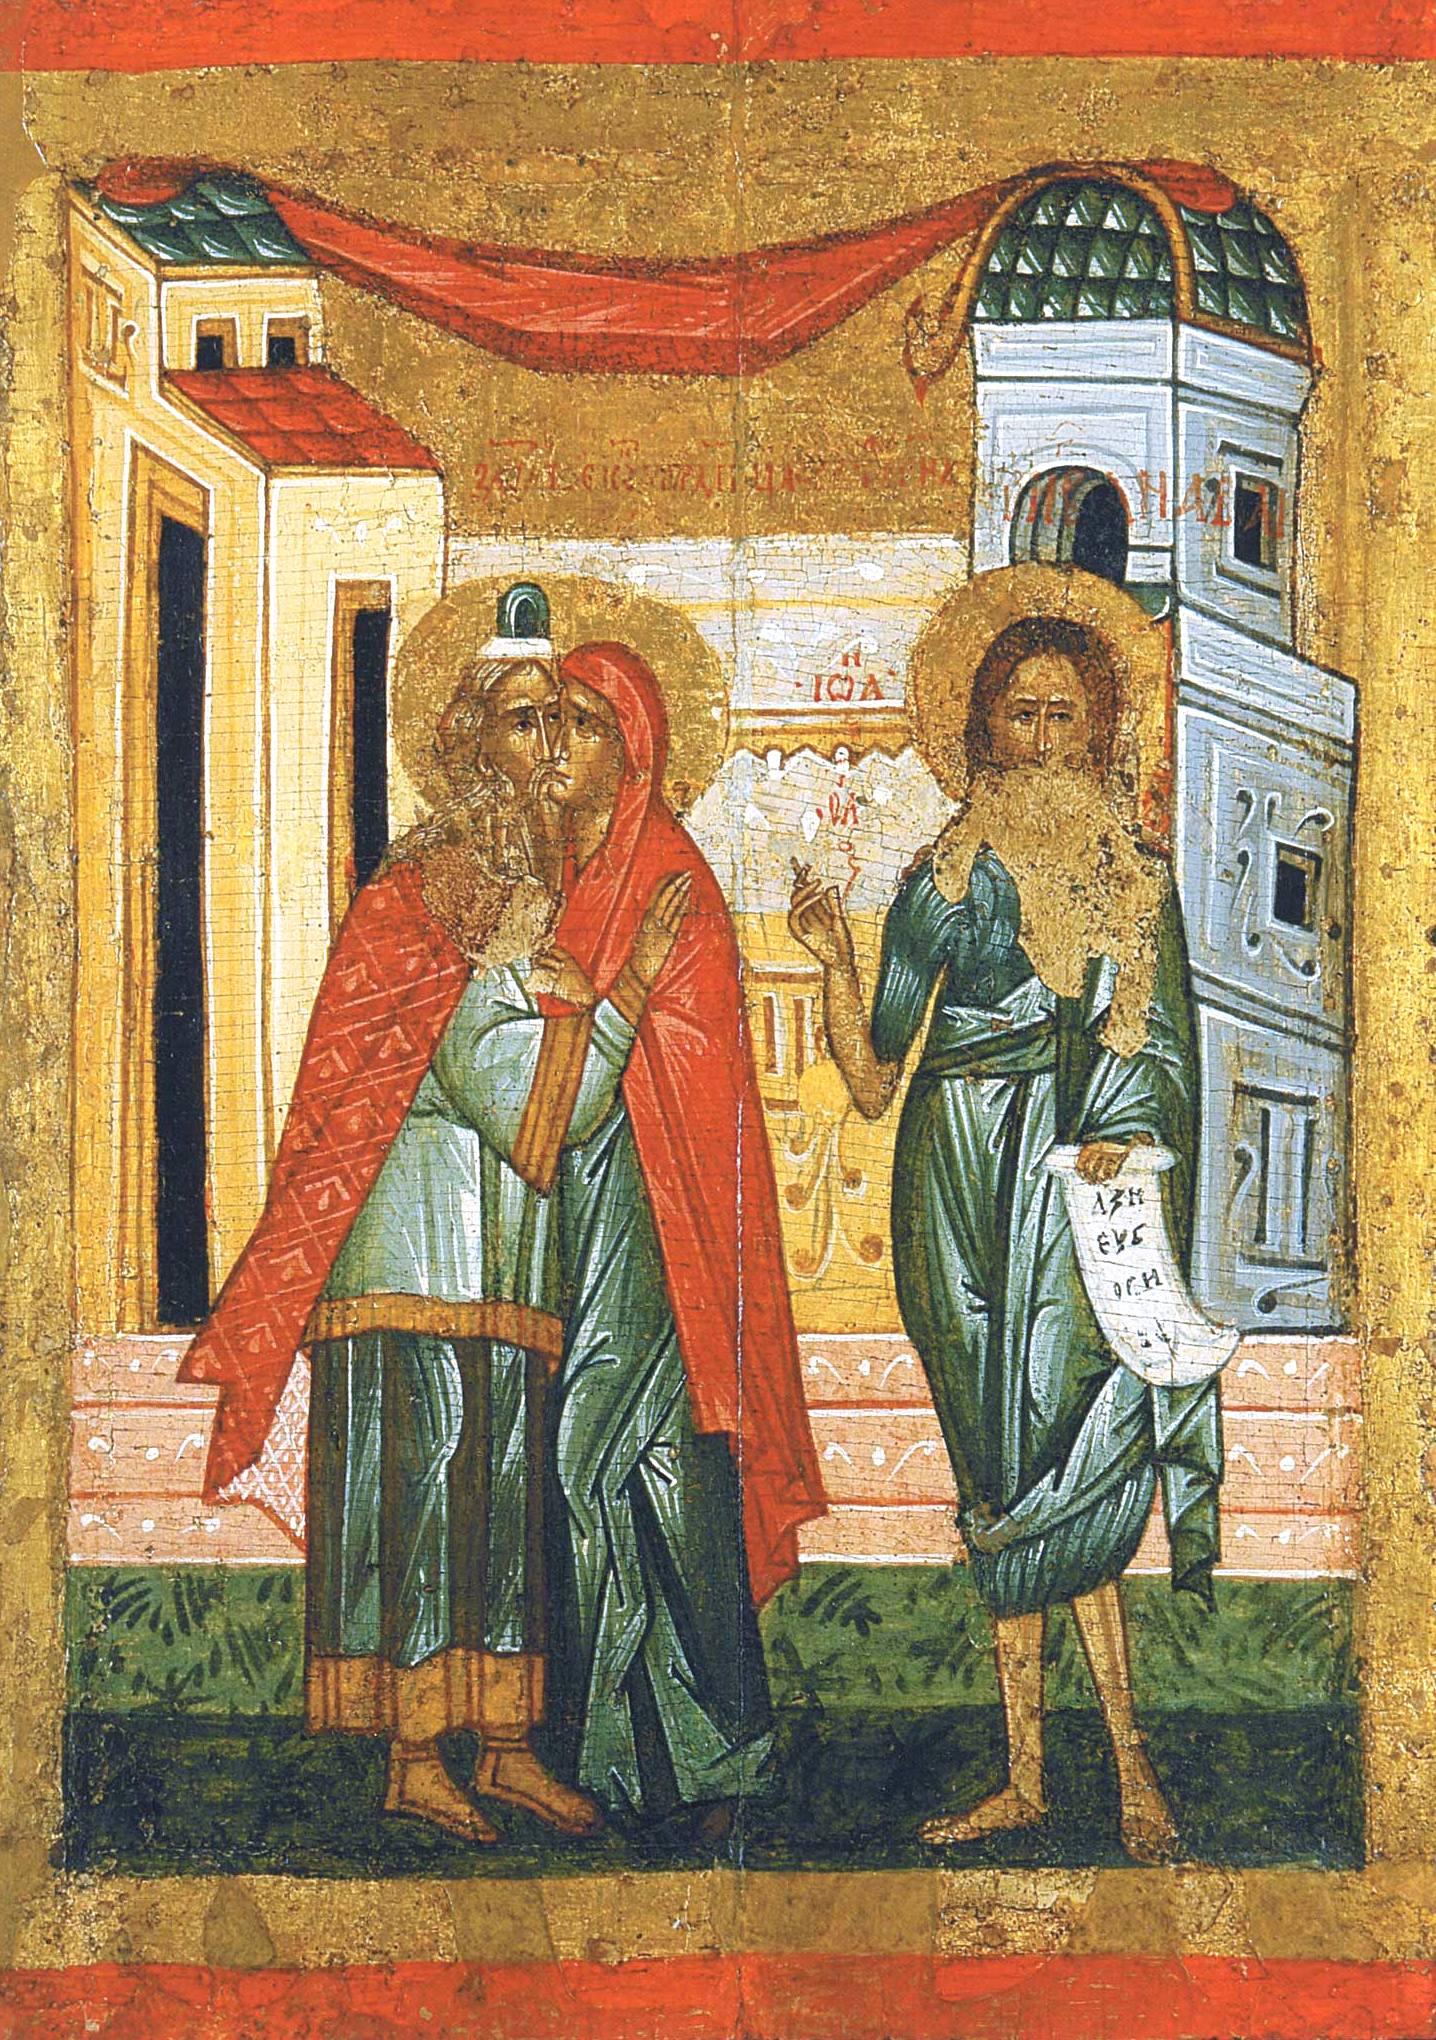 Зачатие Святого Иоанна Предтечи. Икона. Новгород, вторая половина - конец XV века.